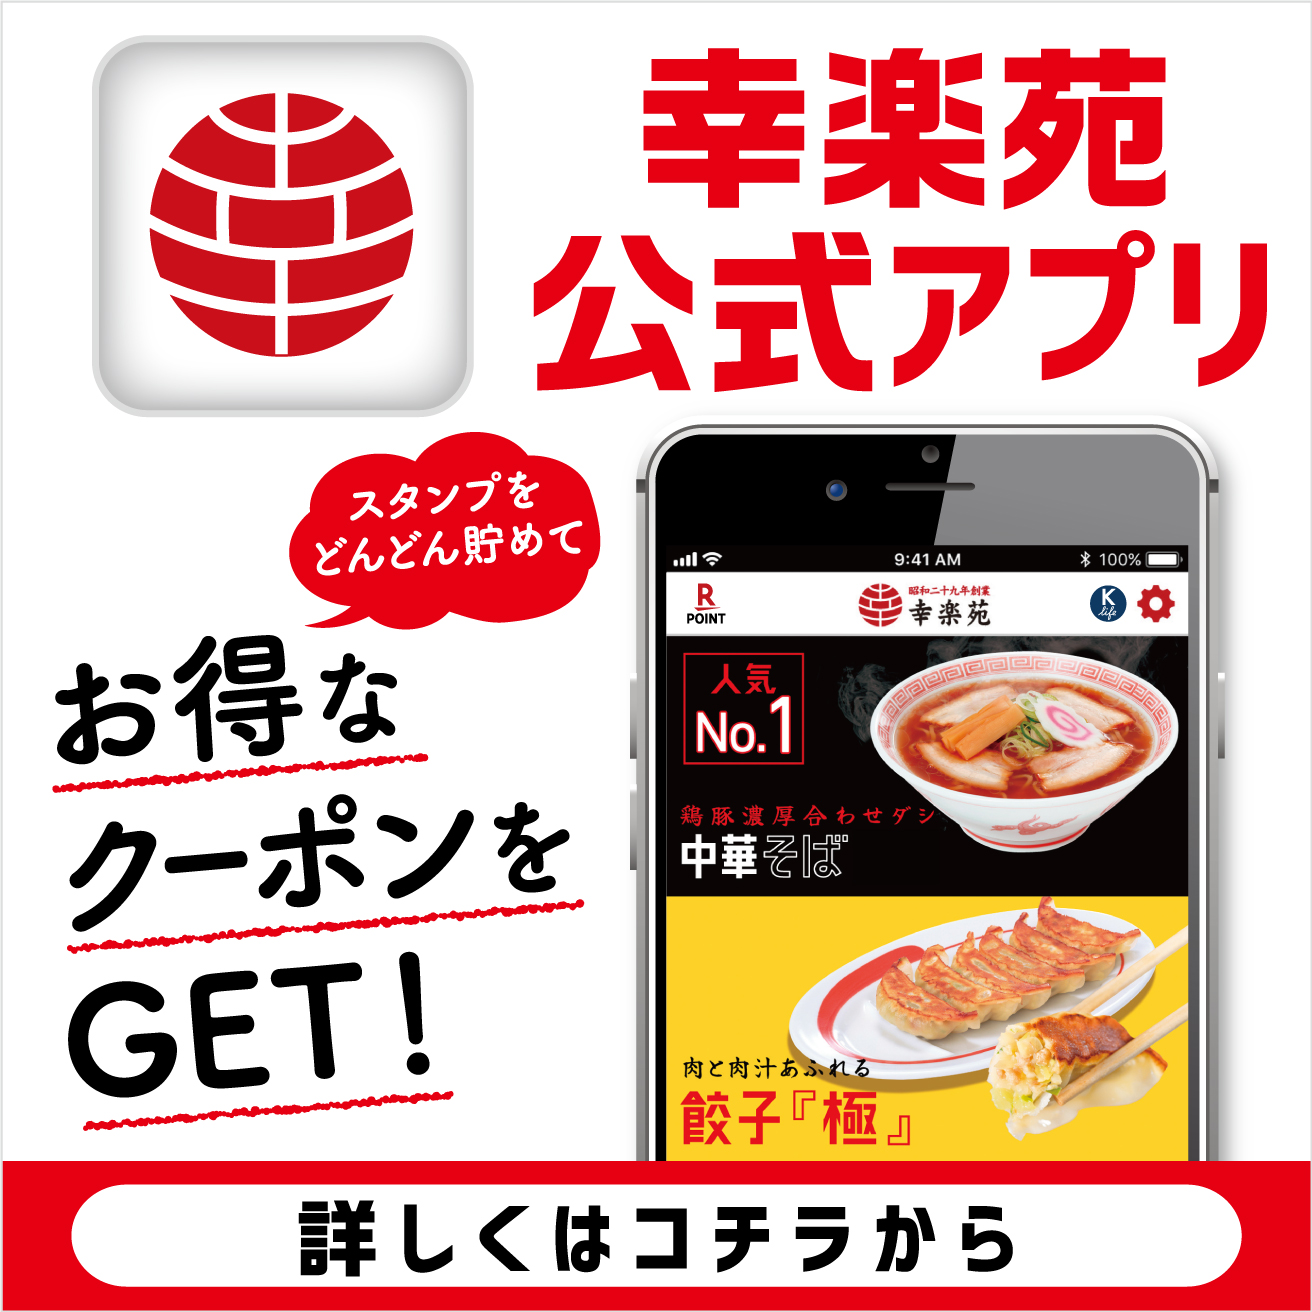 幸楽苑 公式アプリ